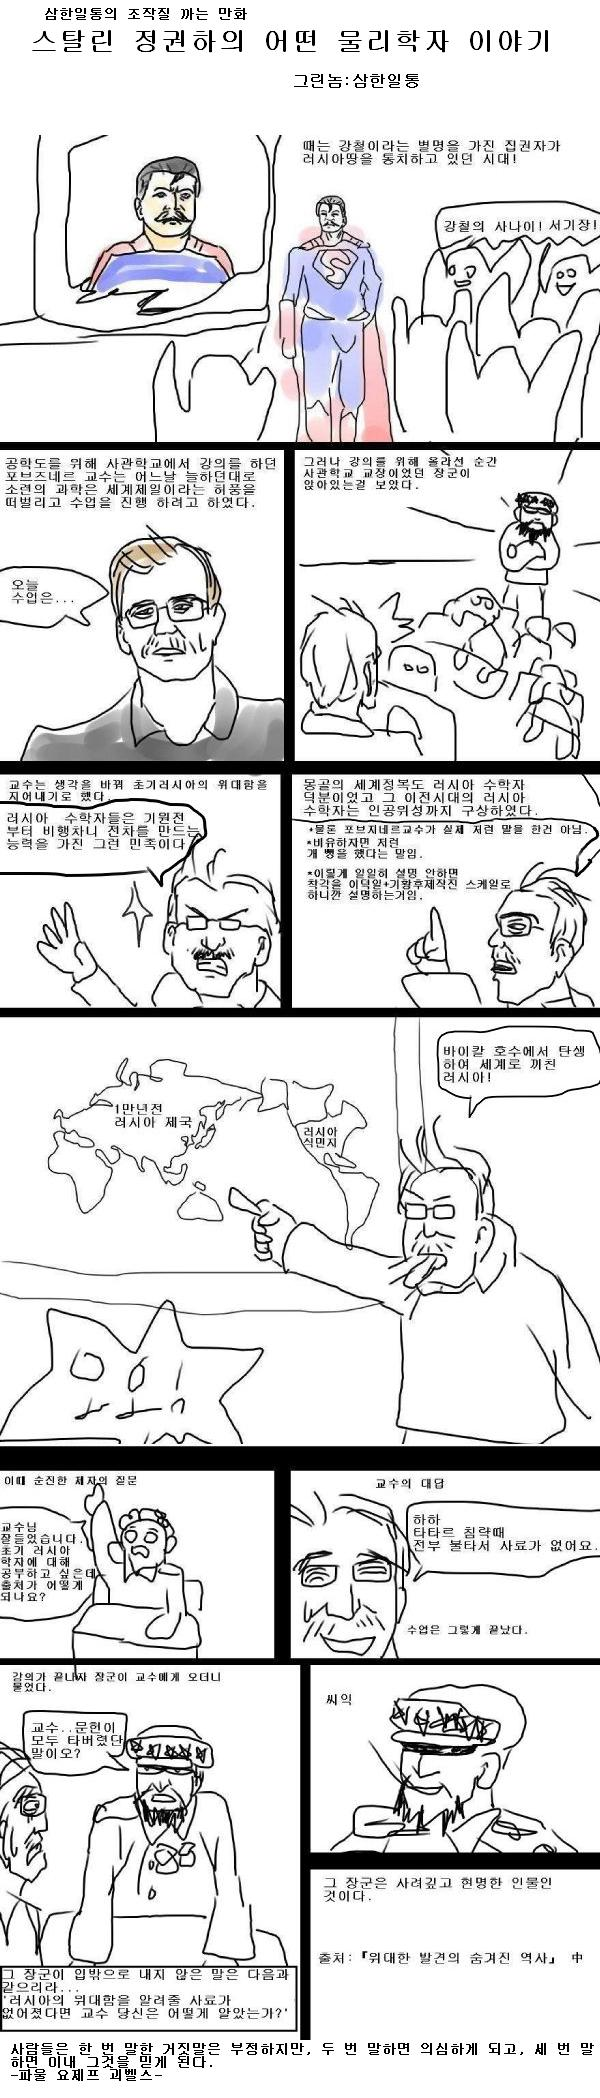 삼한일통의 조작질 까는 만화]스탈린 정권하의 어떤..